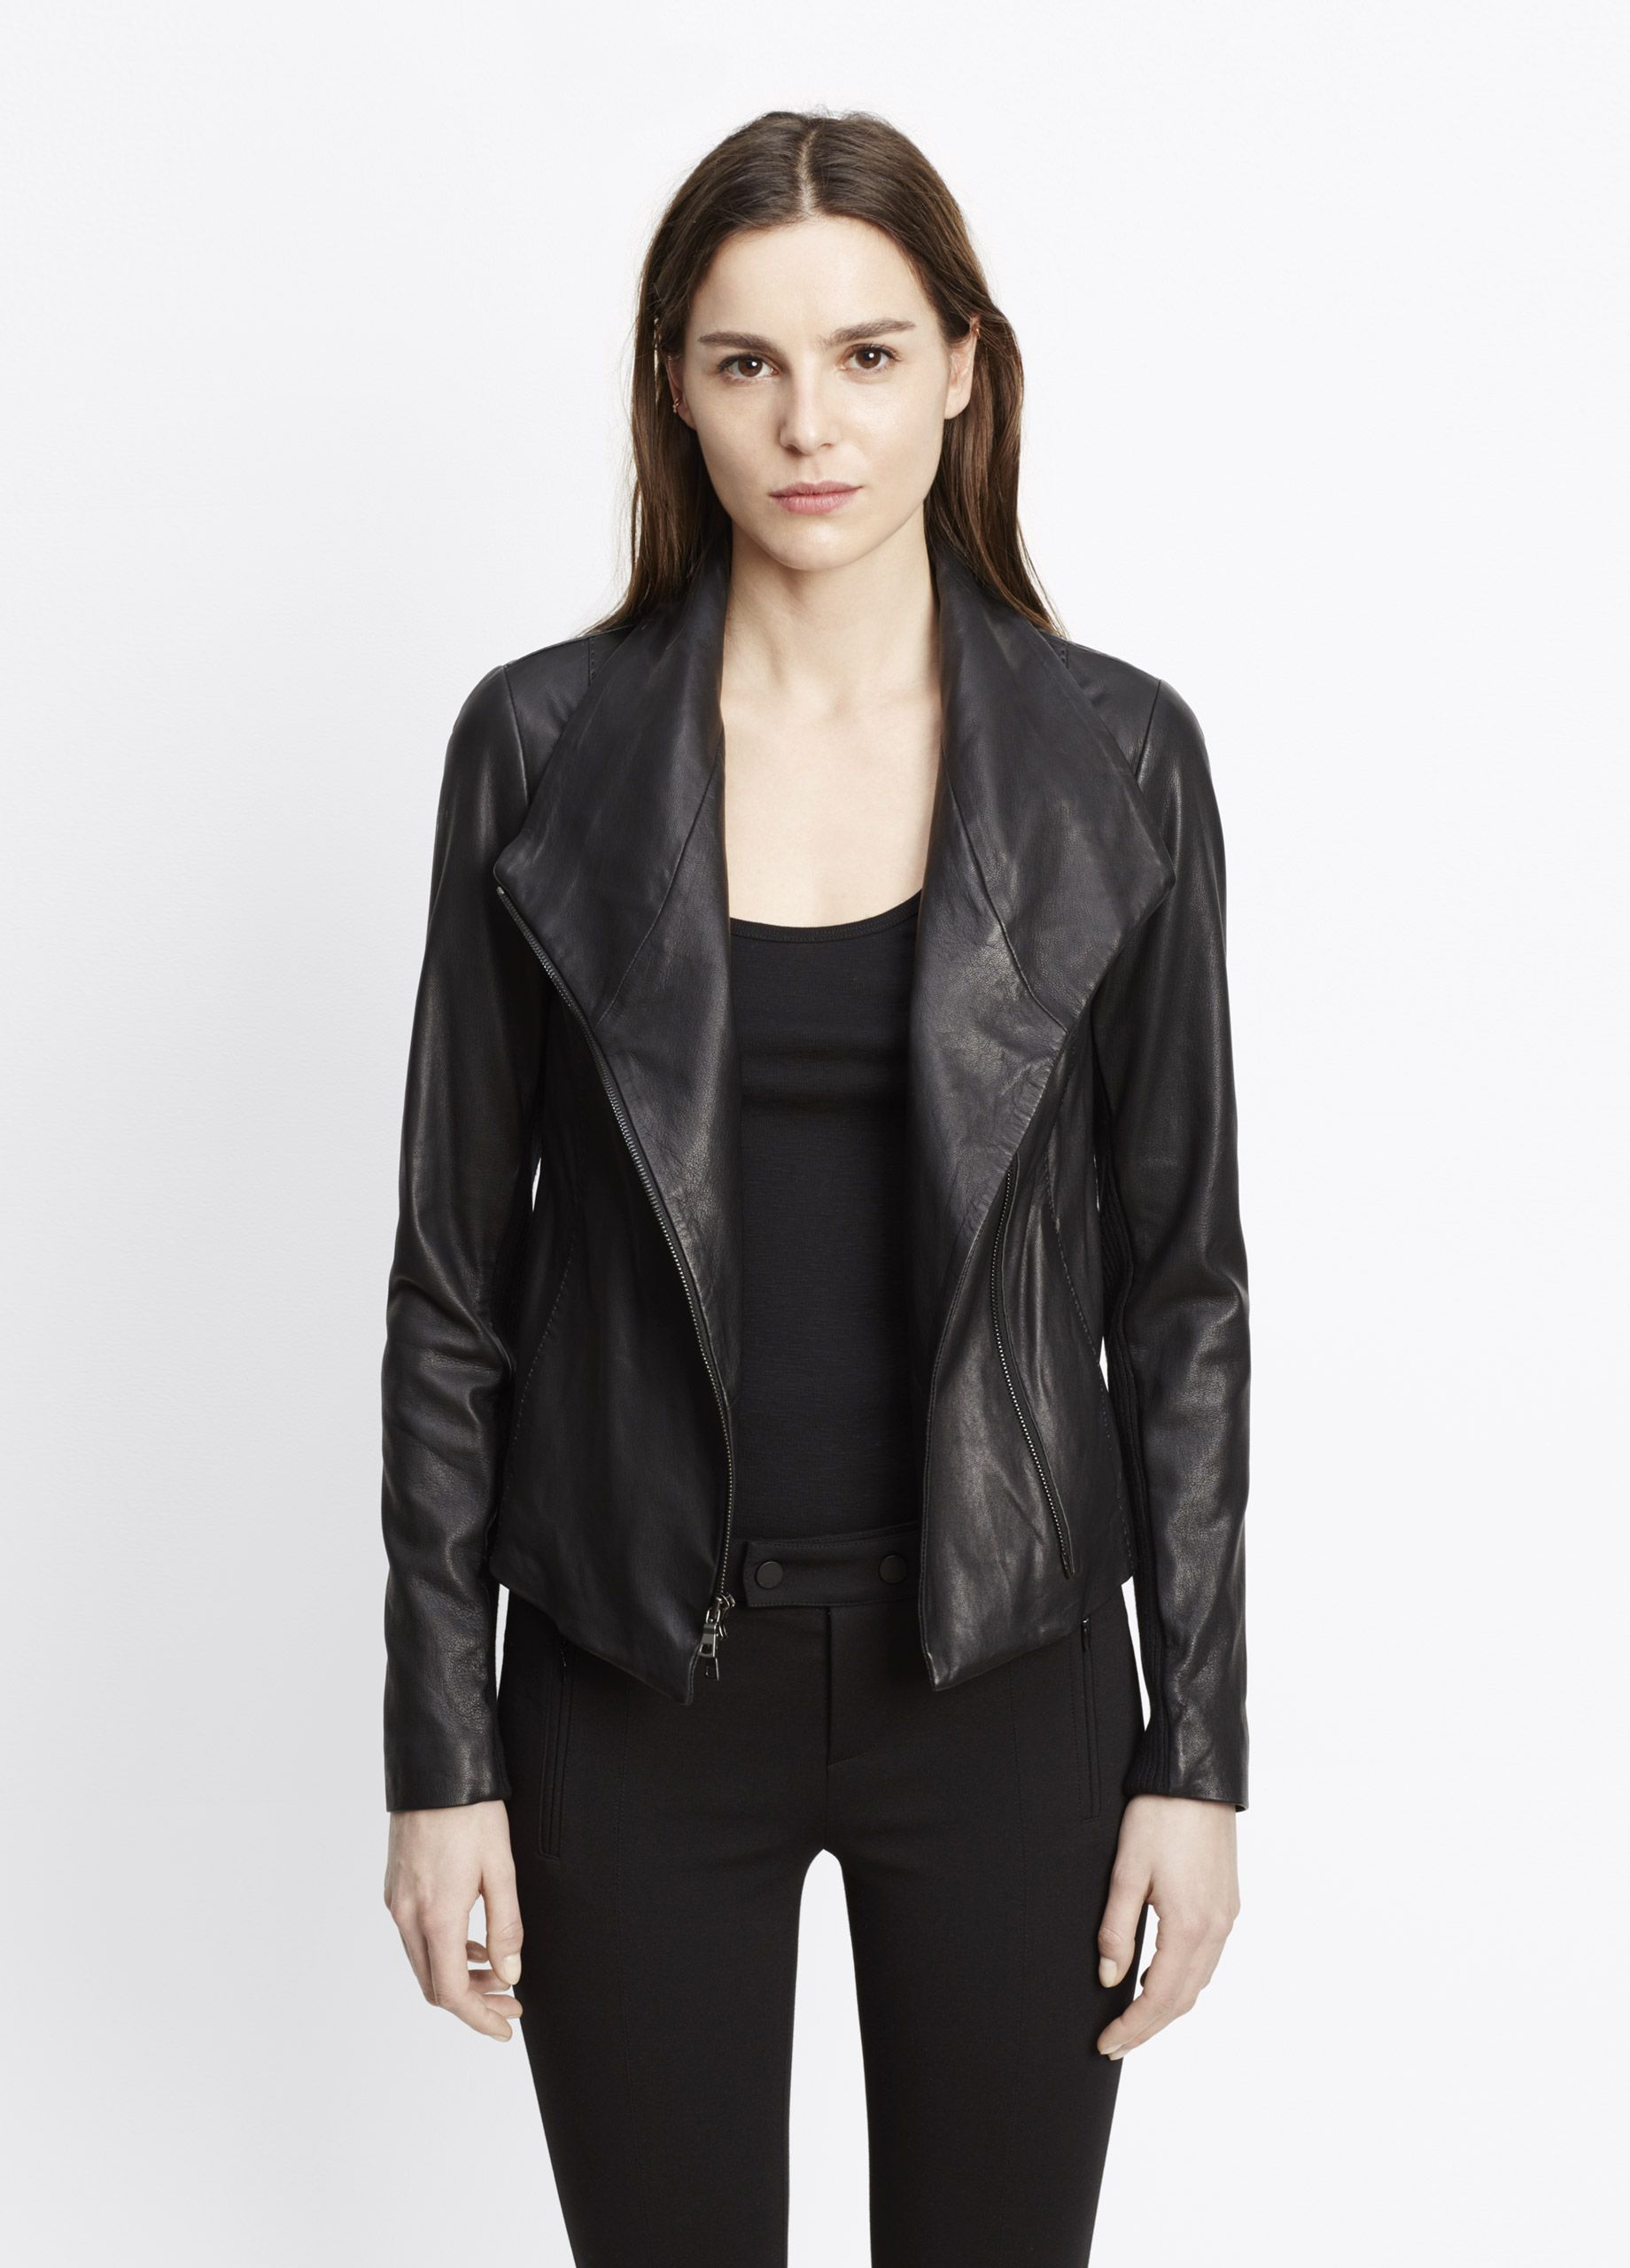 Feather Leather Scuba Jacket Scuba jacket, Jackets